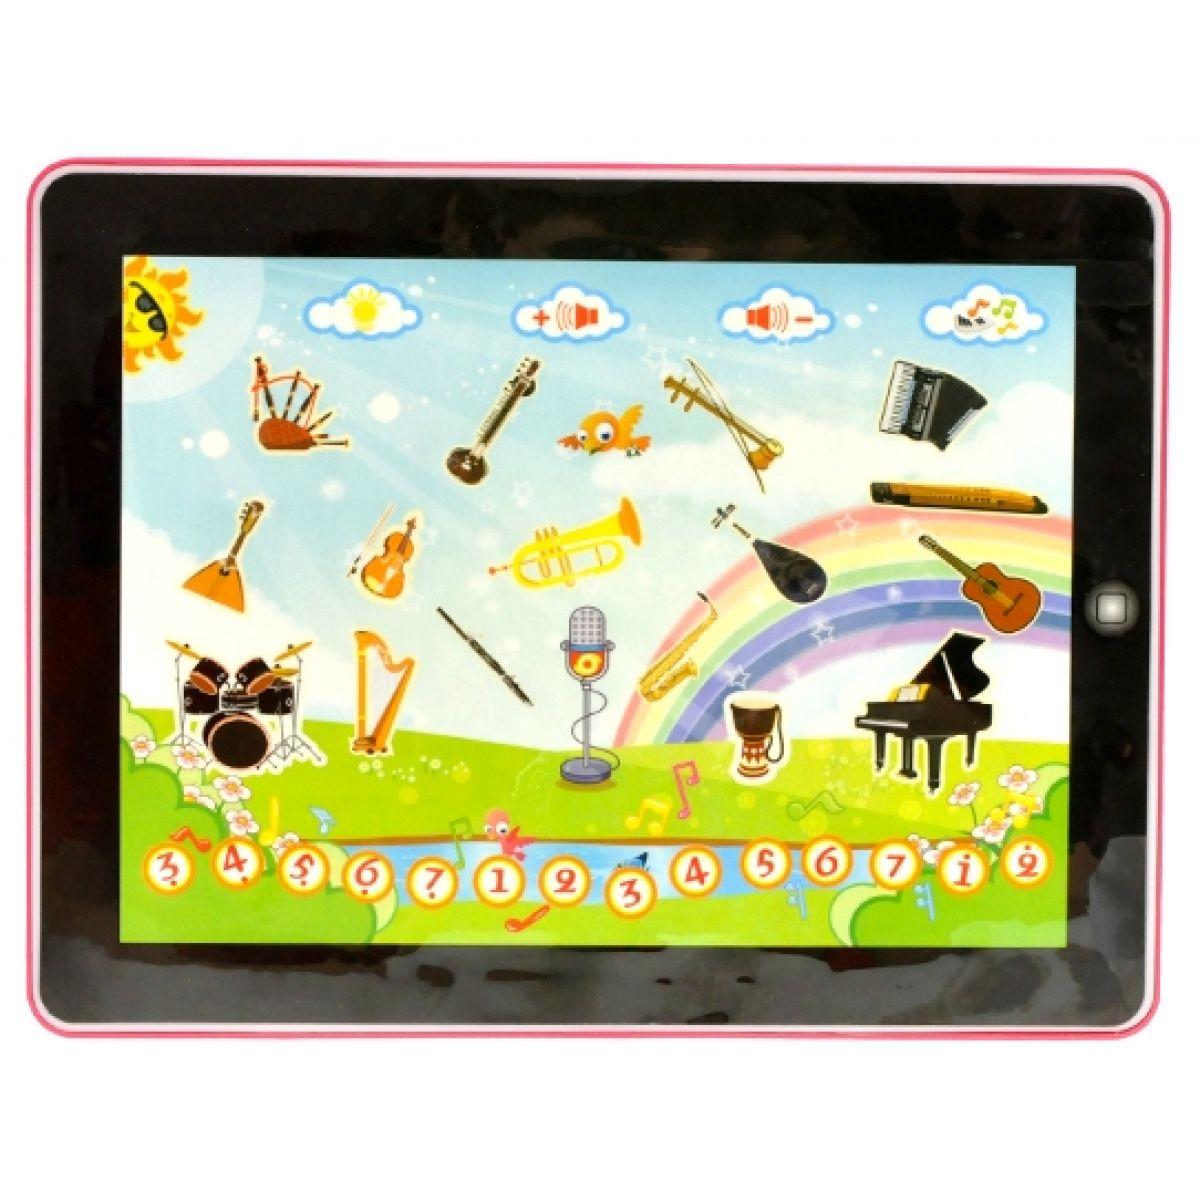 Tablet elektronický hudební nástroje